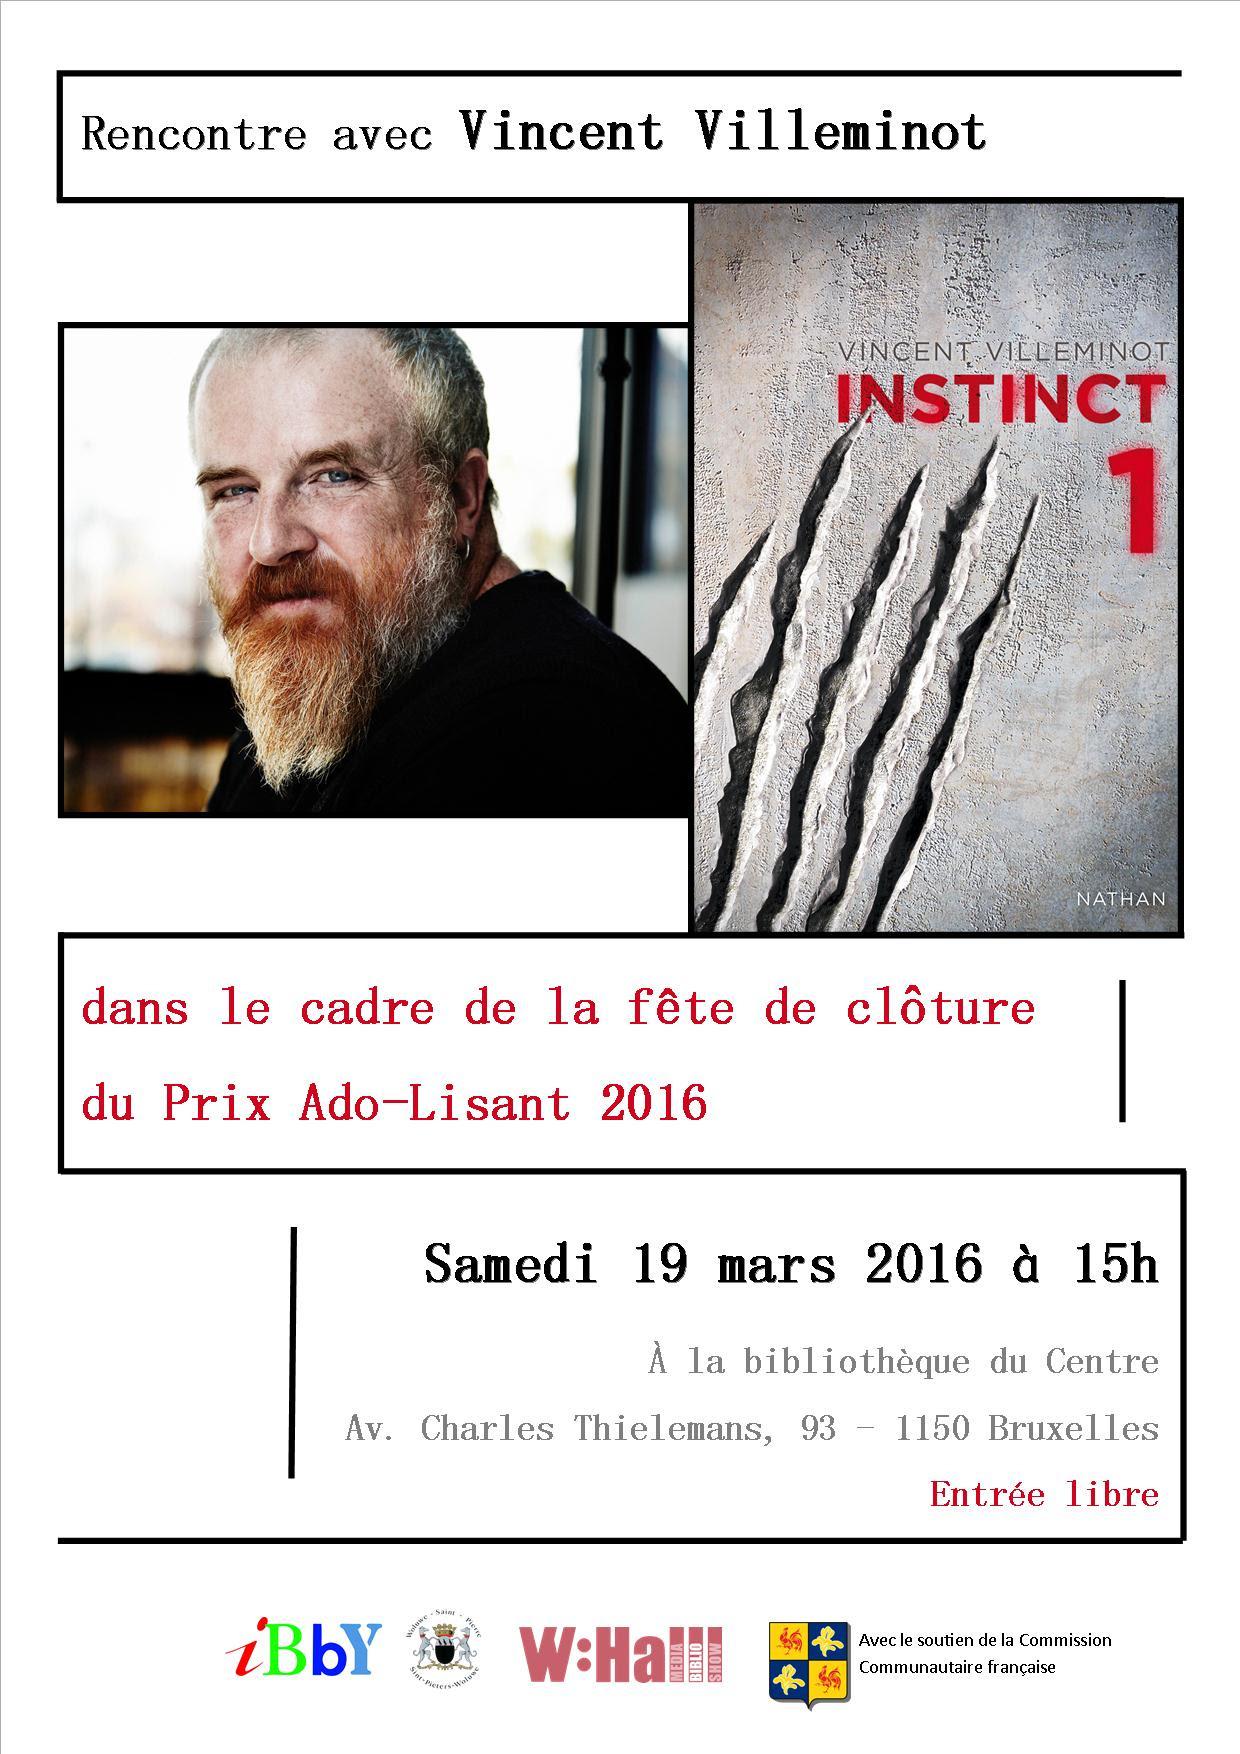 Affiche de la rencontre avec Vincent Villeminot pour la clôture du Prix Adolisant 2016